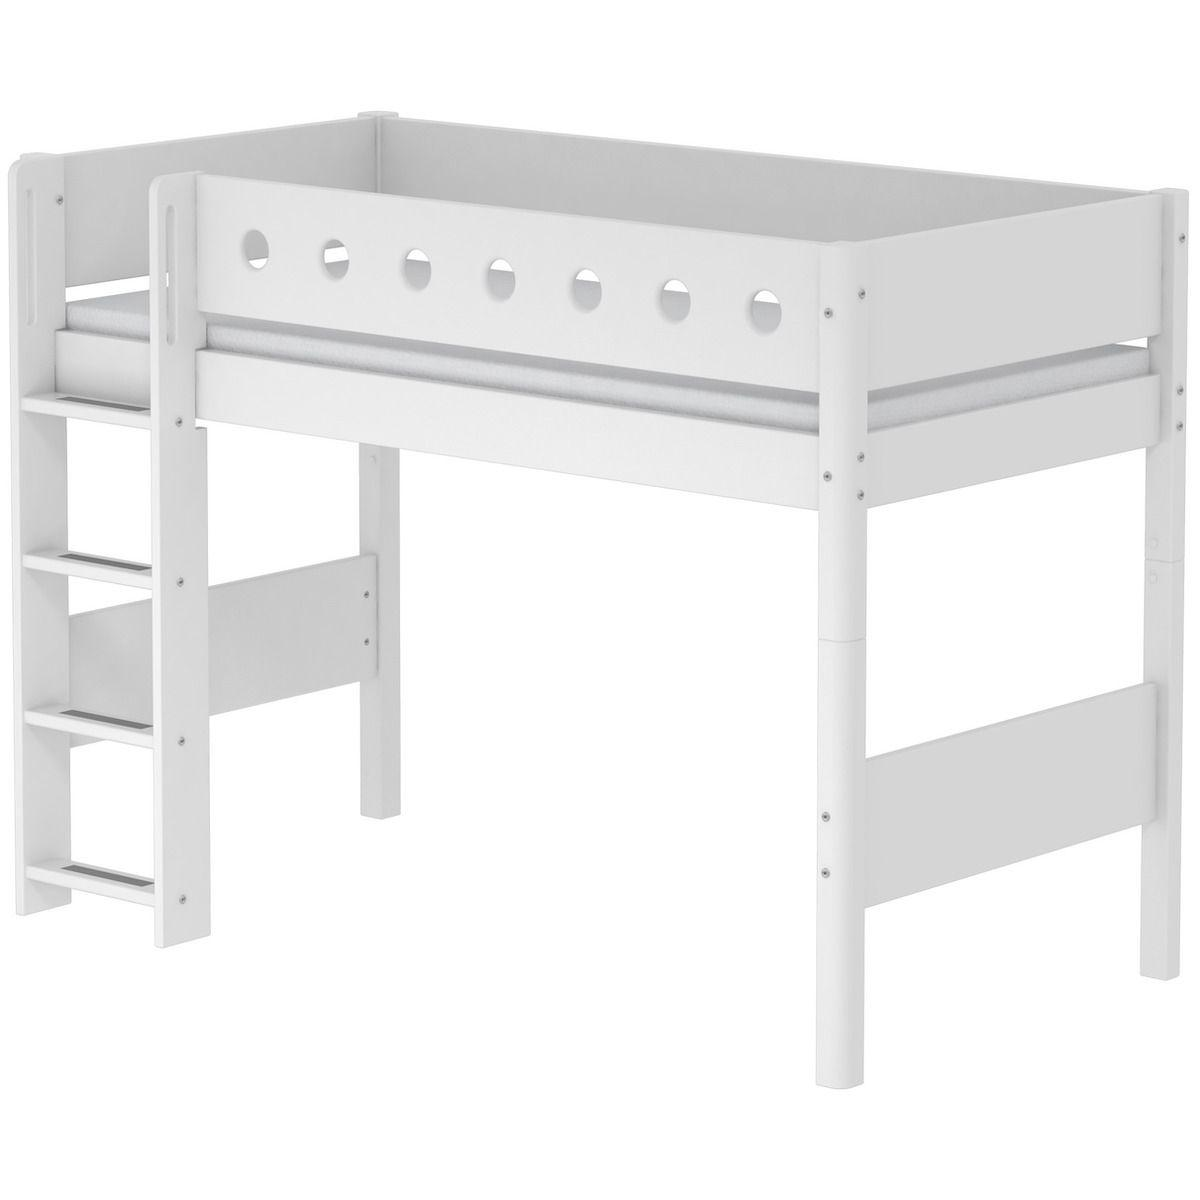 Lit surélevé enfant WHITE Flexa 90x200 échelle droite pieds blancs barrière blanche